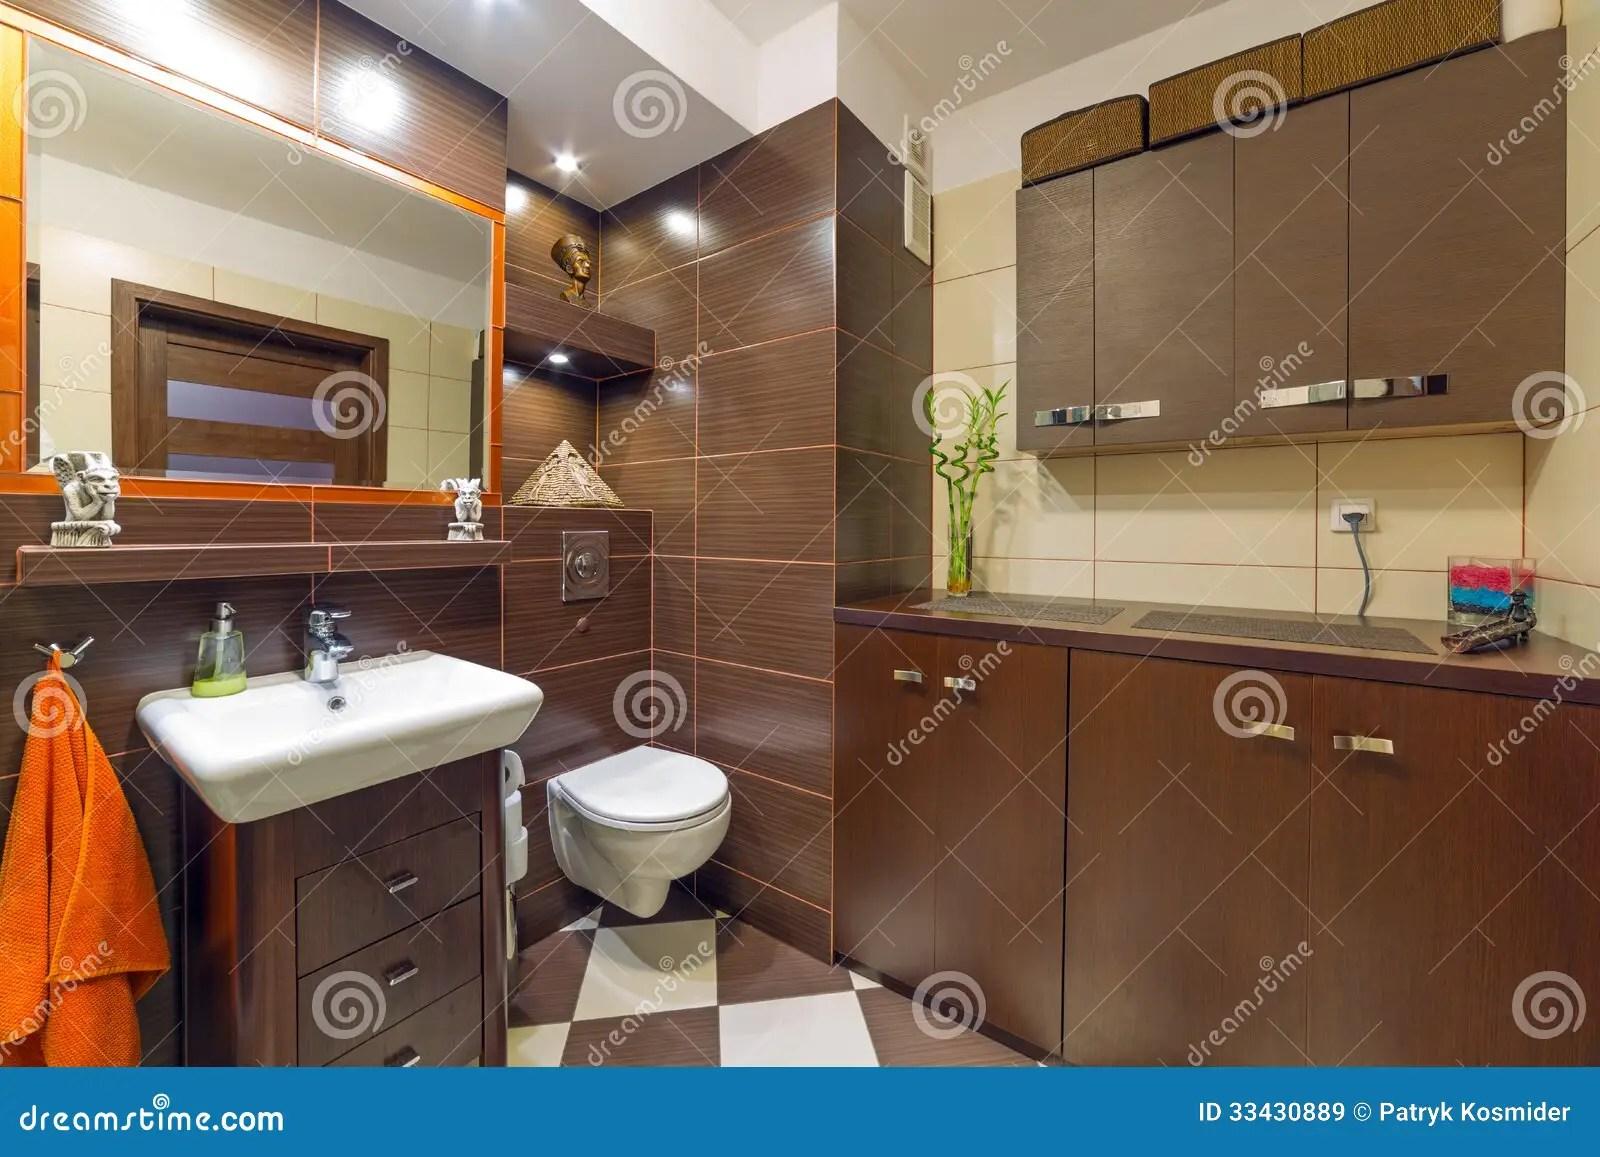 Bagno Beige E Marrone : Rivestimento bagno beige e marrone rivestimento bagno e cucina